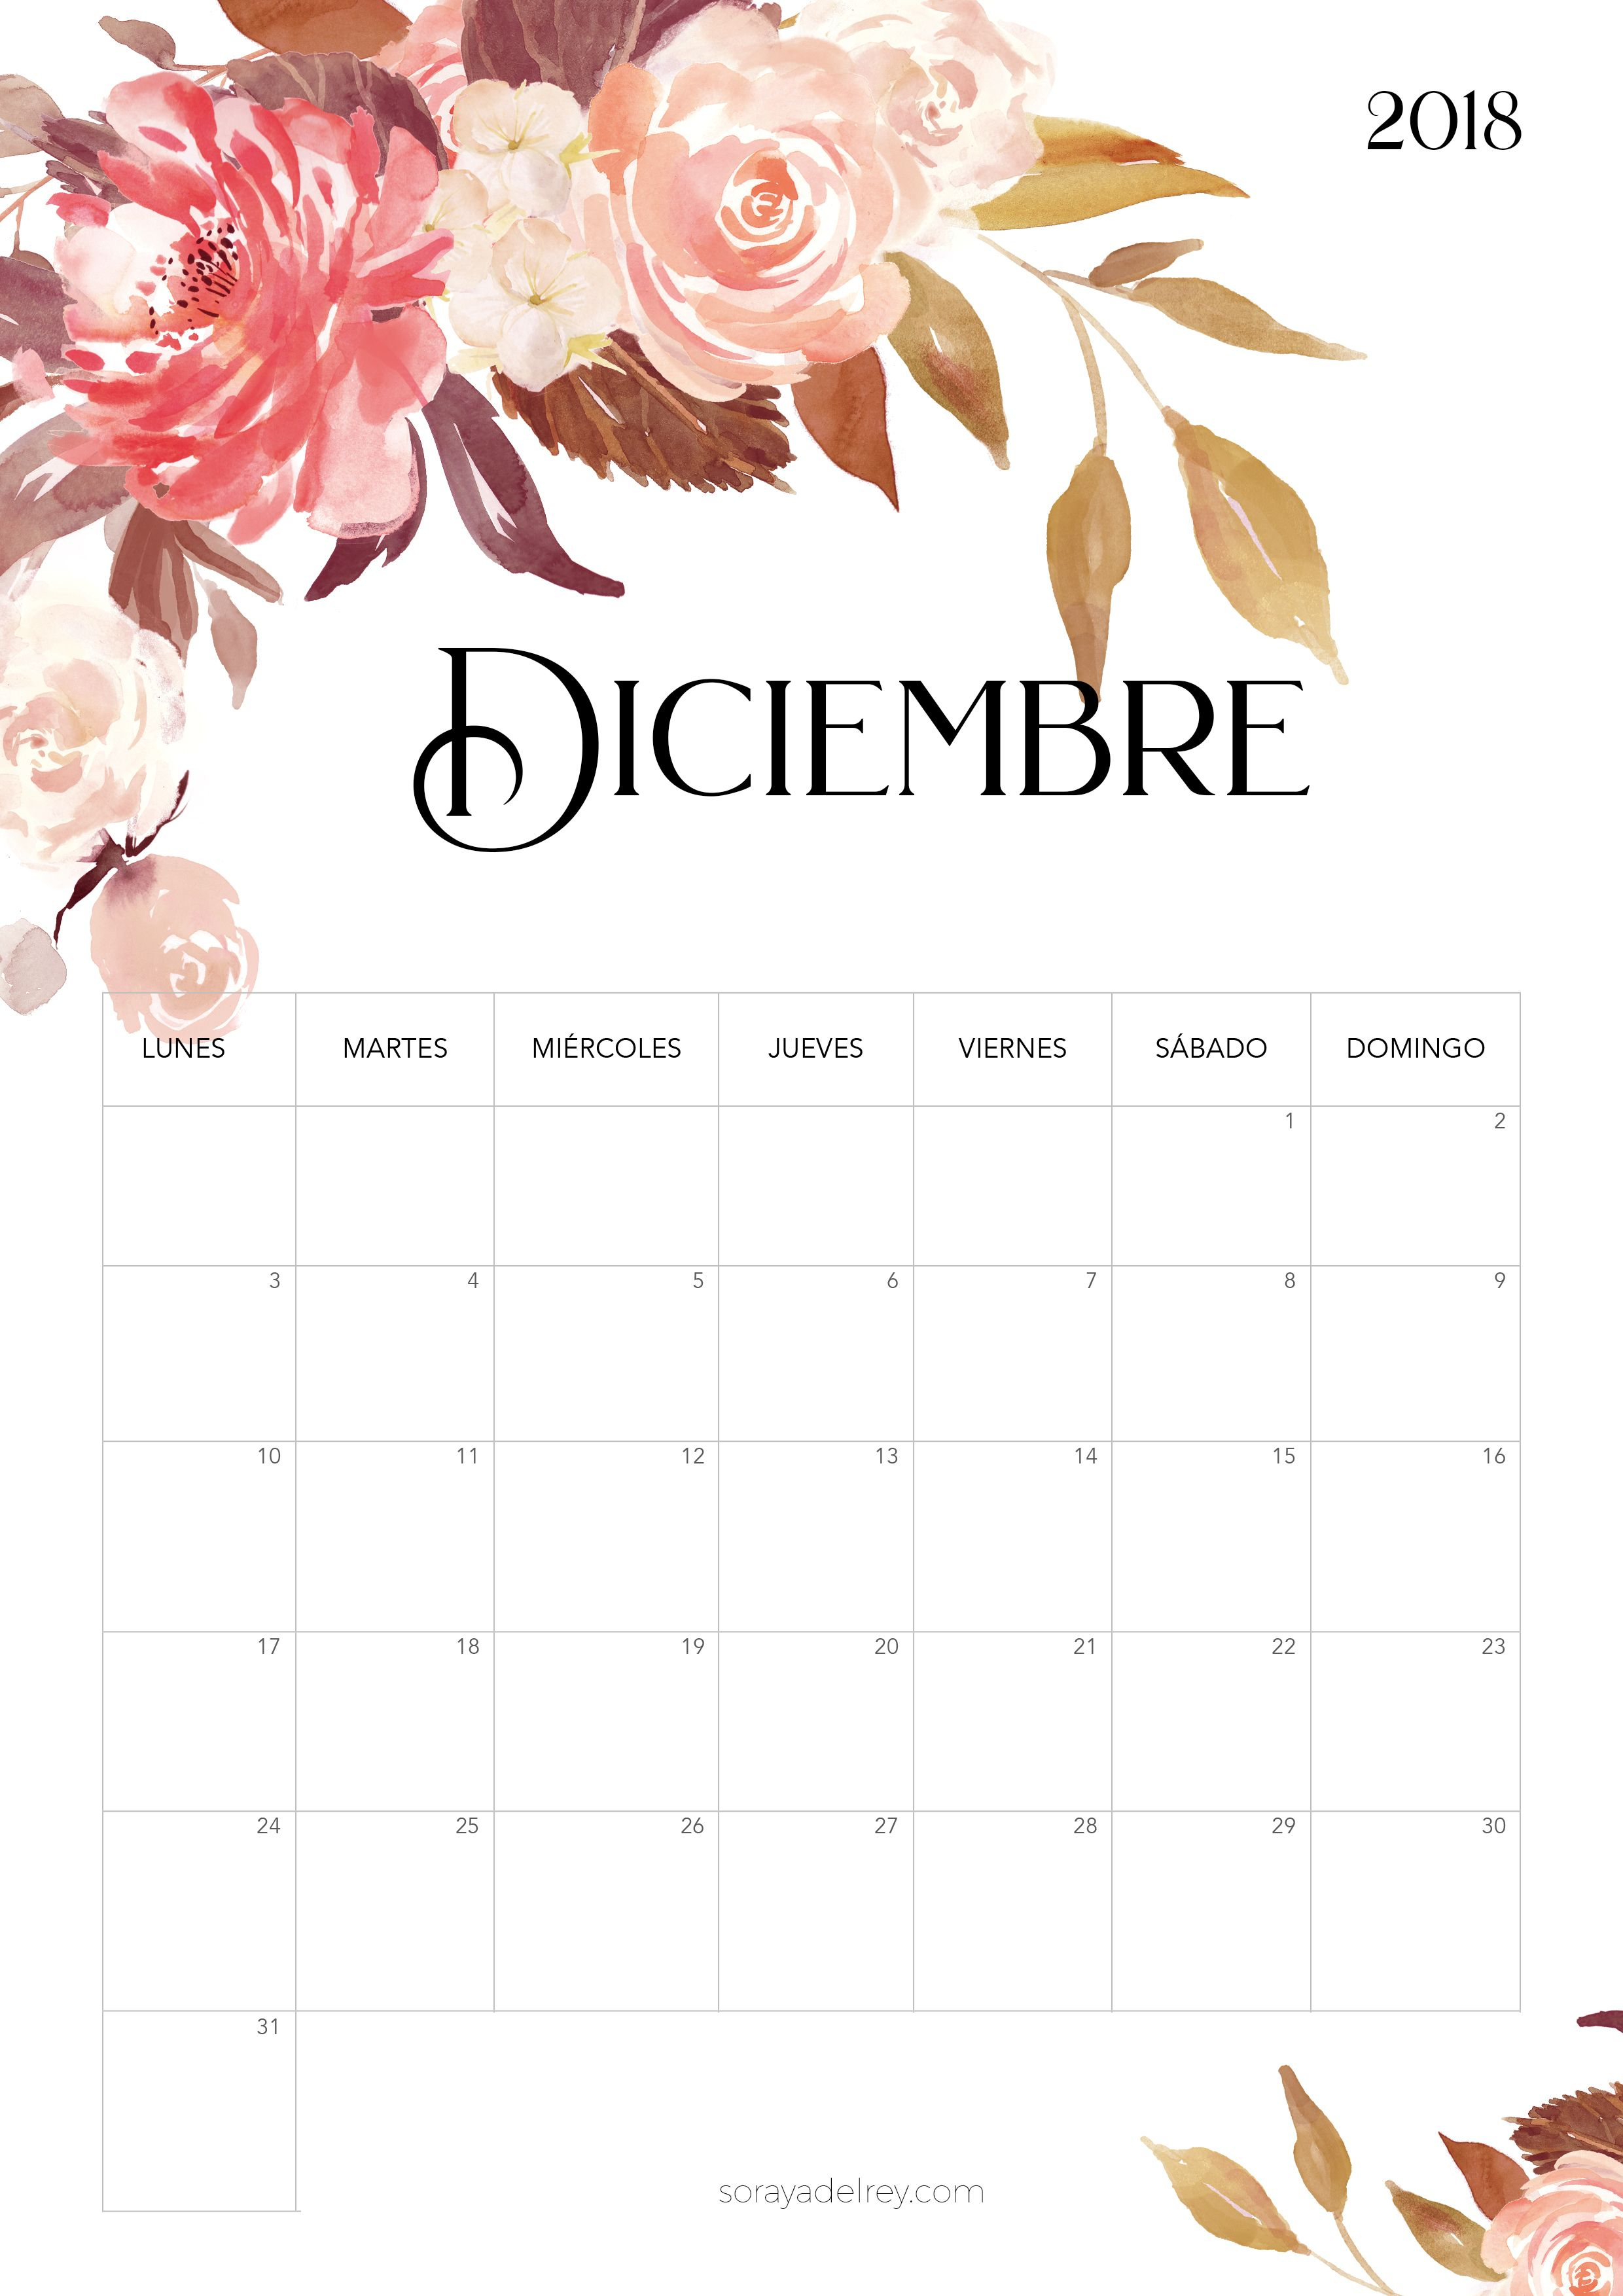 Calendario para imprimir 2018 - 2019